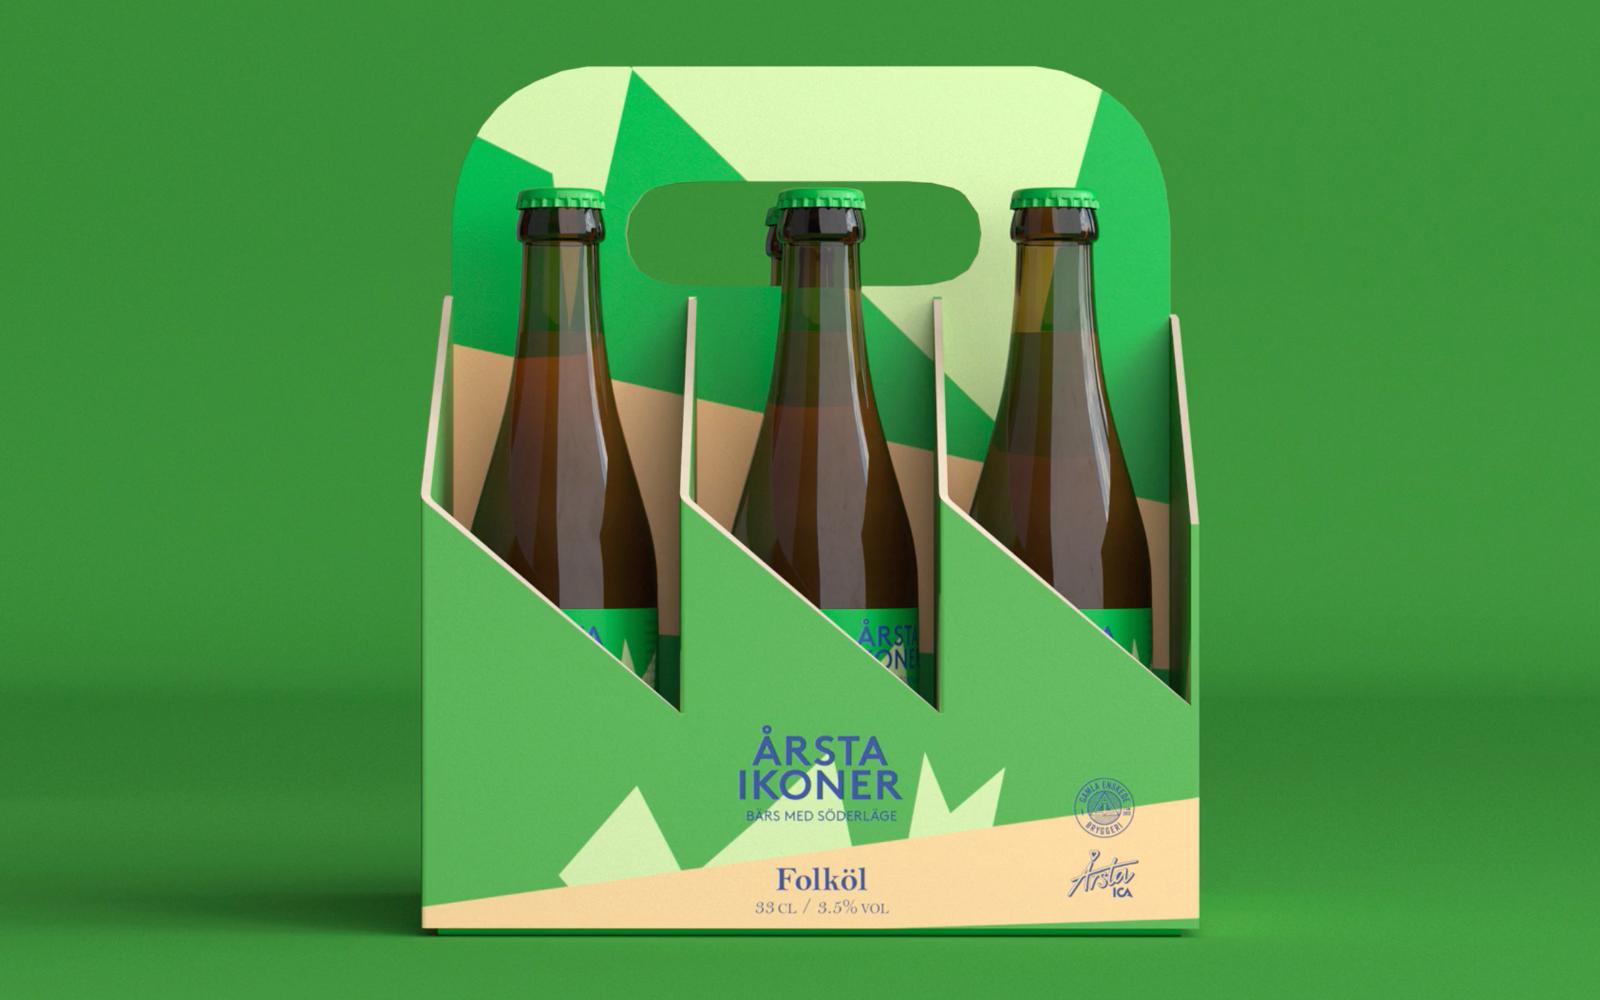 Formen på förpackningen för Årsta ikoner. Bild: Hummingbirds.